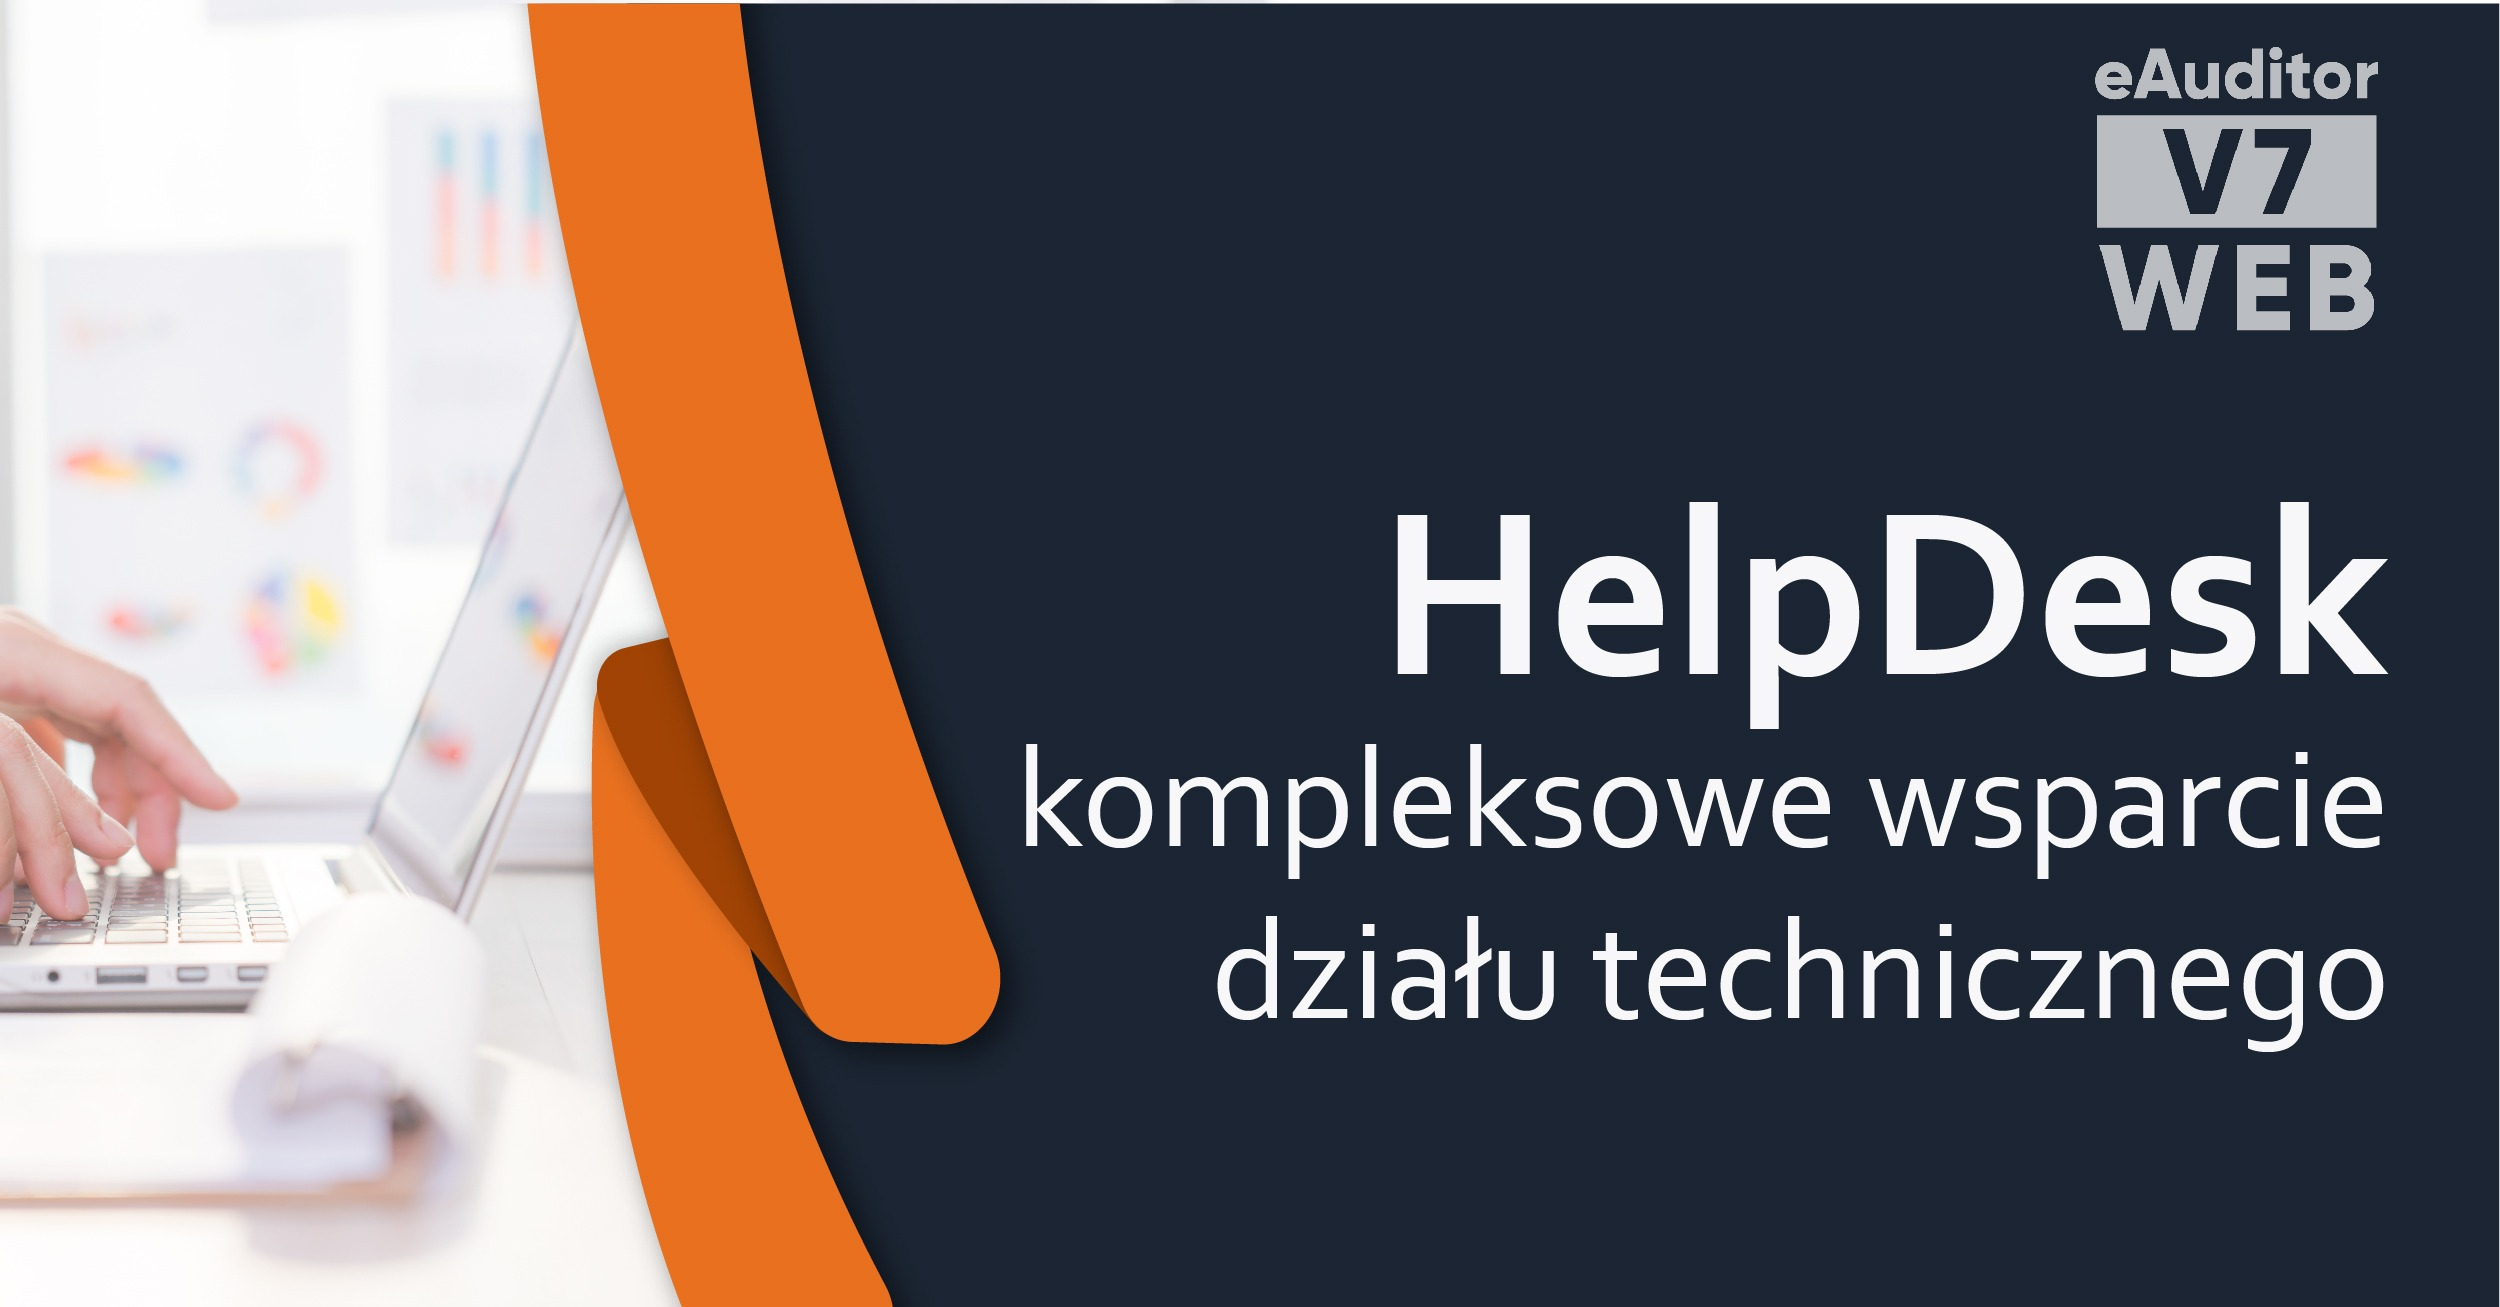 eAuditor HelpDesk – kompleksowe wsparcie działu technicznego